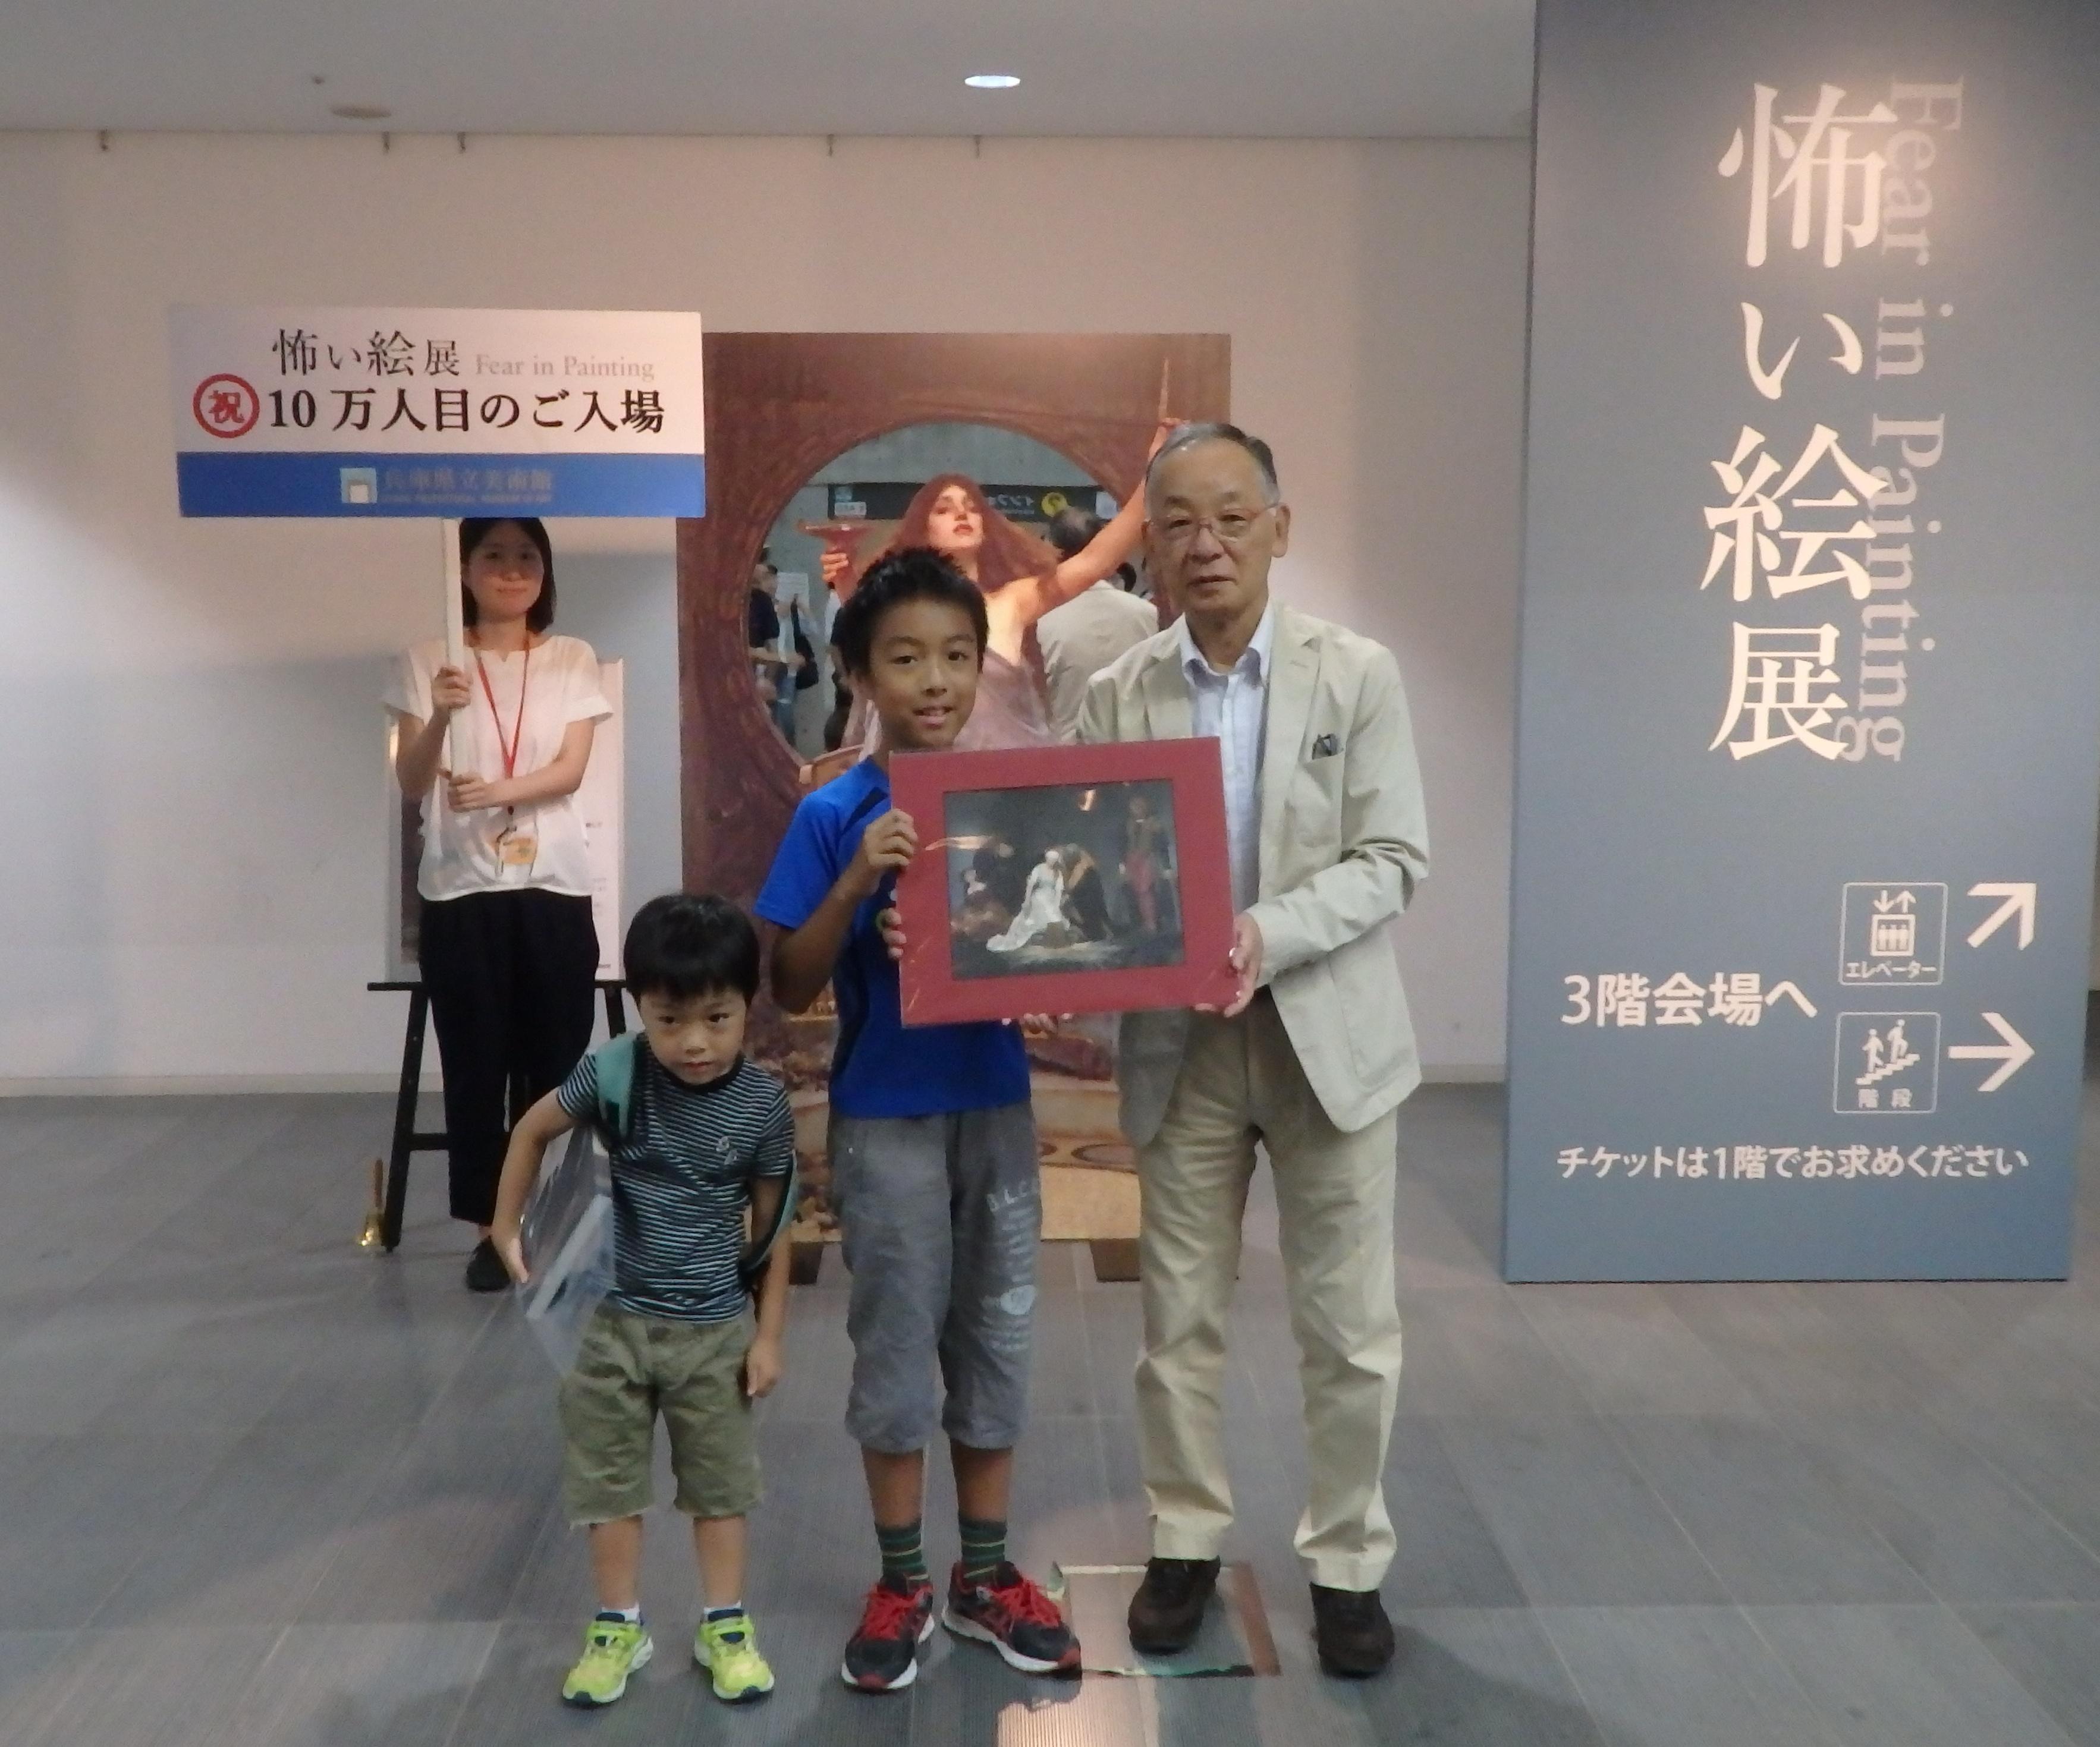 「怖い絵展」の図録引き換えチケット - 中野京子の …